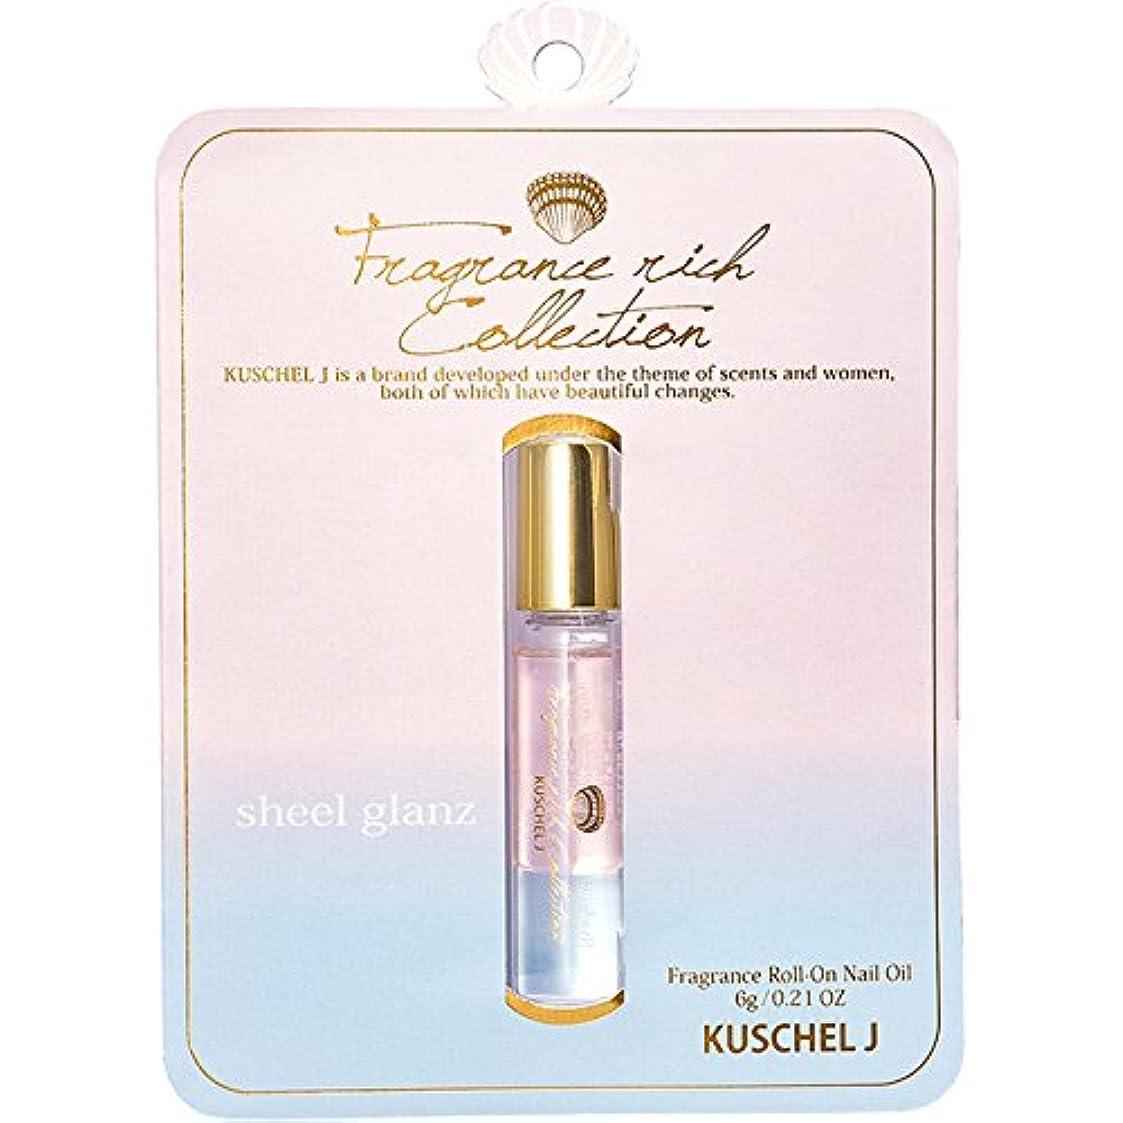 製造セットするよりフレグランシー クシェルヨット(KUSCHEL J) ネイルオイル シェルグラン 6g